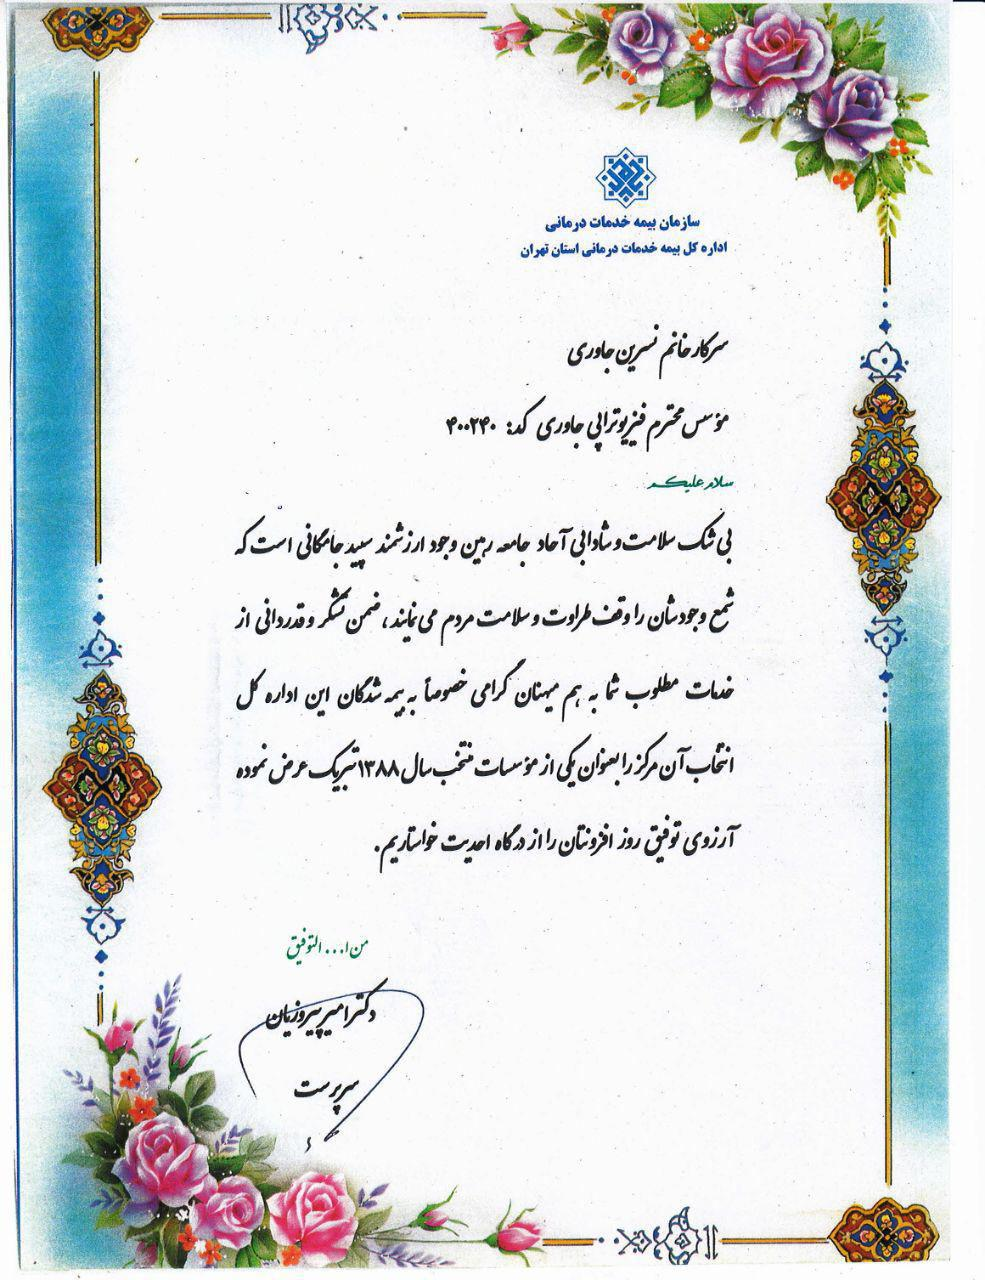 فیزیوتراپی جاوری در تهران